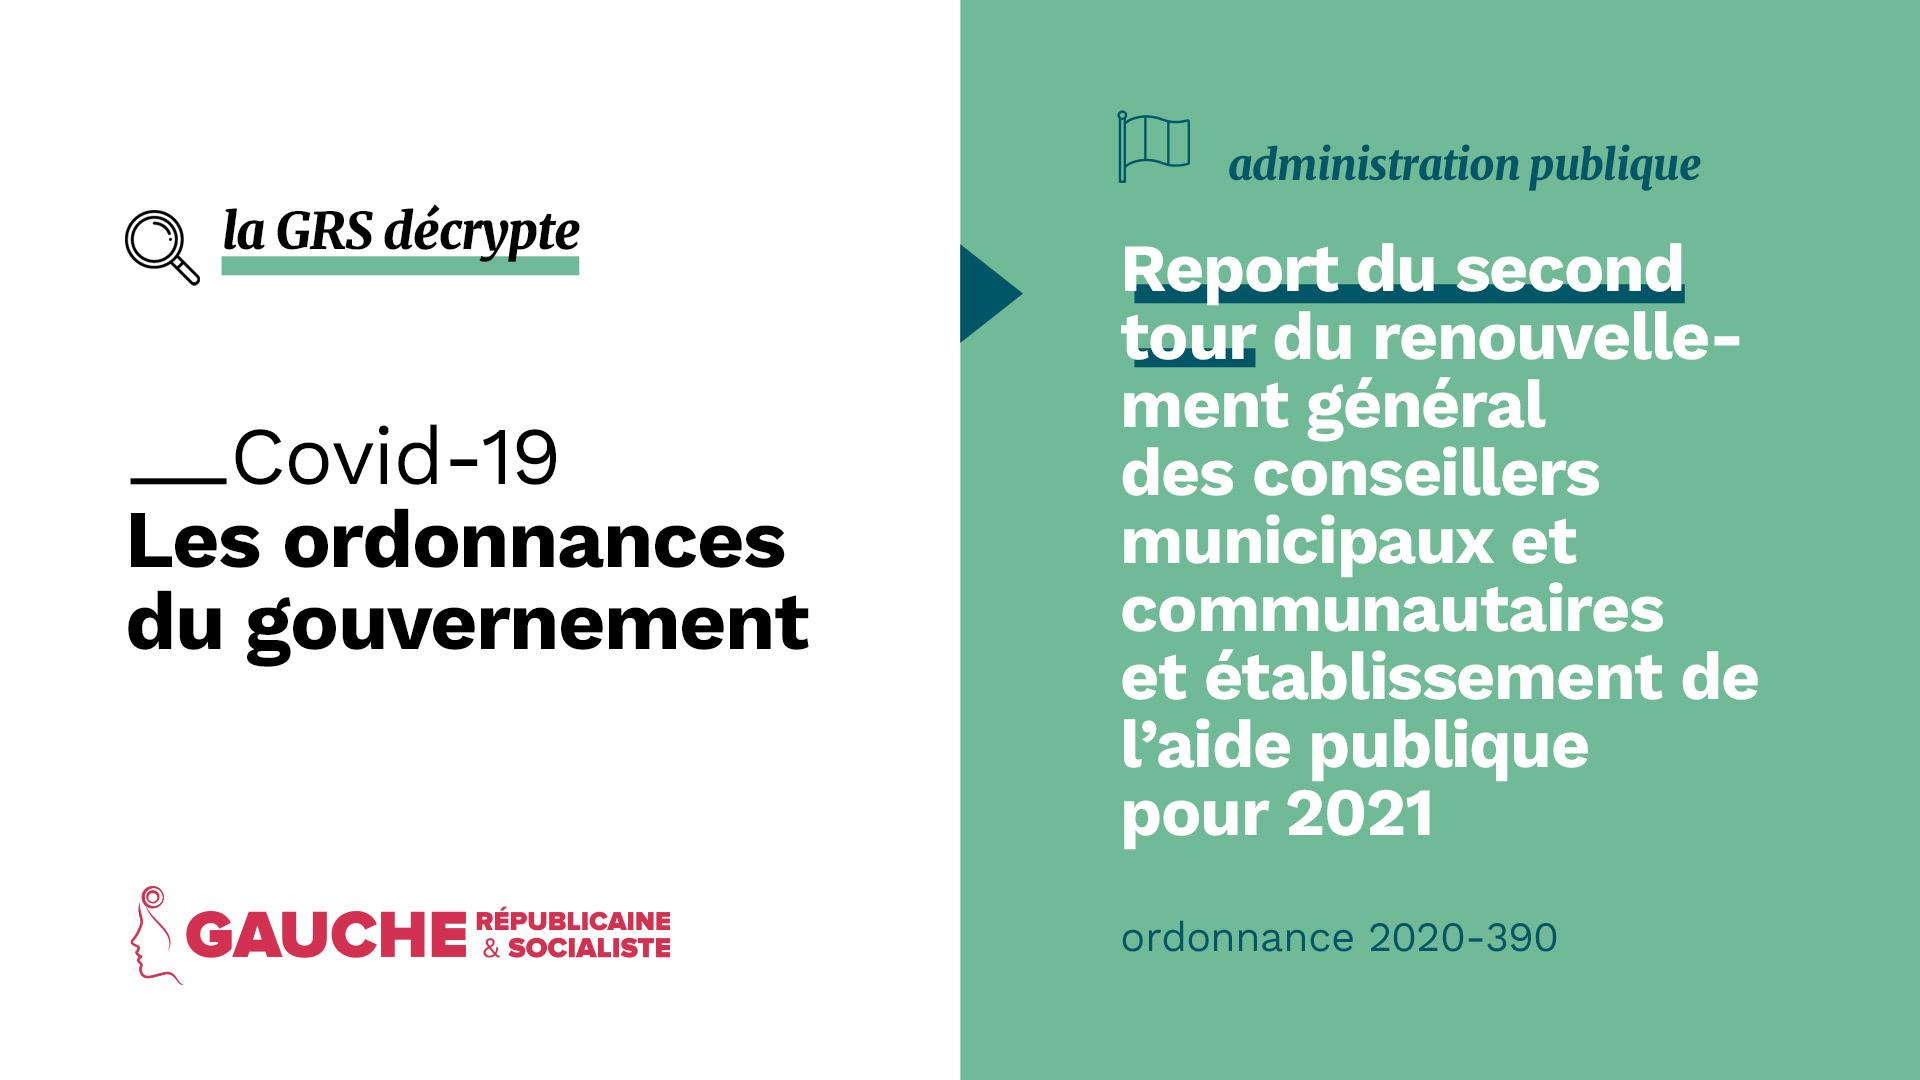 Ordonnance n° 2020-390 du 1er avril 2020 relative au report du second tour du renouvellement général des conseillers municipaux et communautaires, des conseillers de Paris et des conseillers de la métropole de Lyon de 2020 et à l'établissement de l'aide publique pour 2021